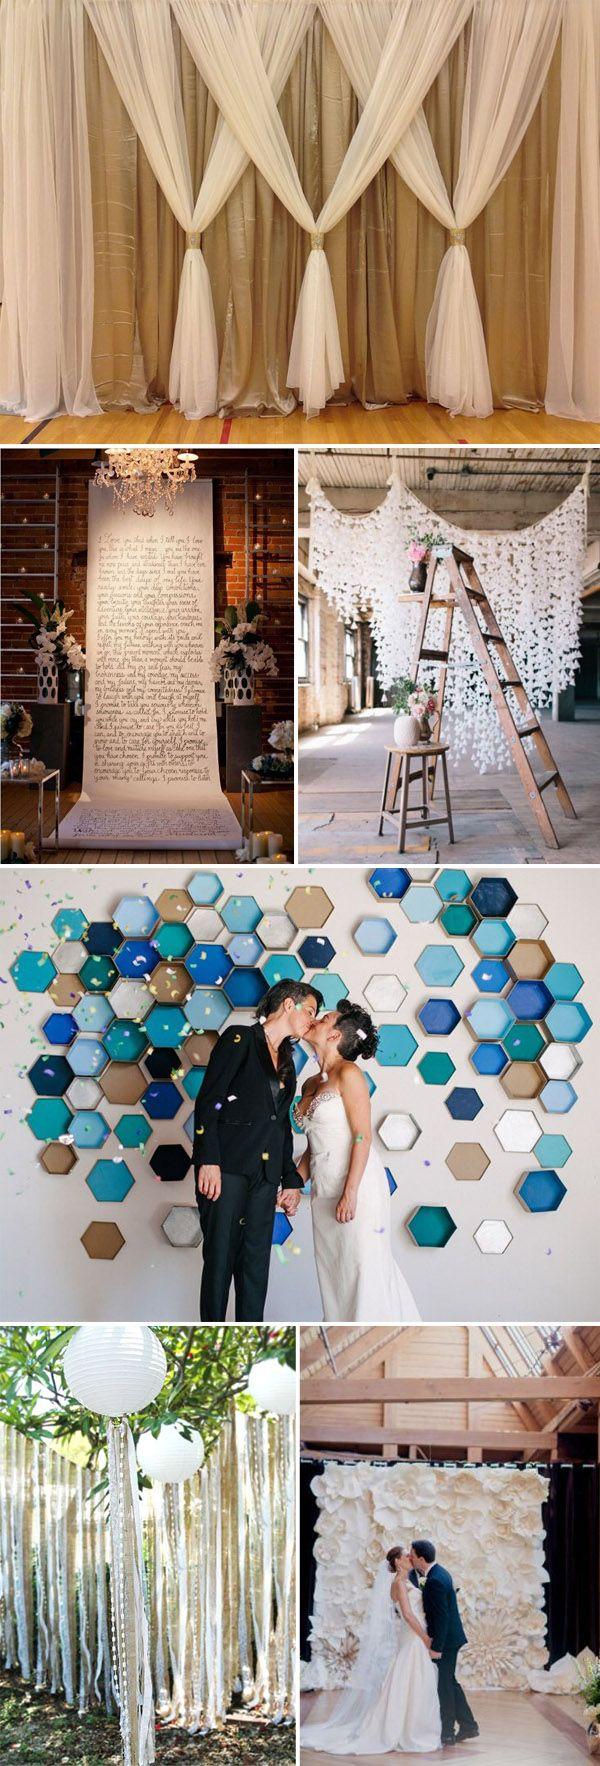 Ideas contexto de la boda de DIY para la decoración de la boda ceremonia de 2015